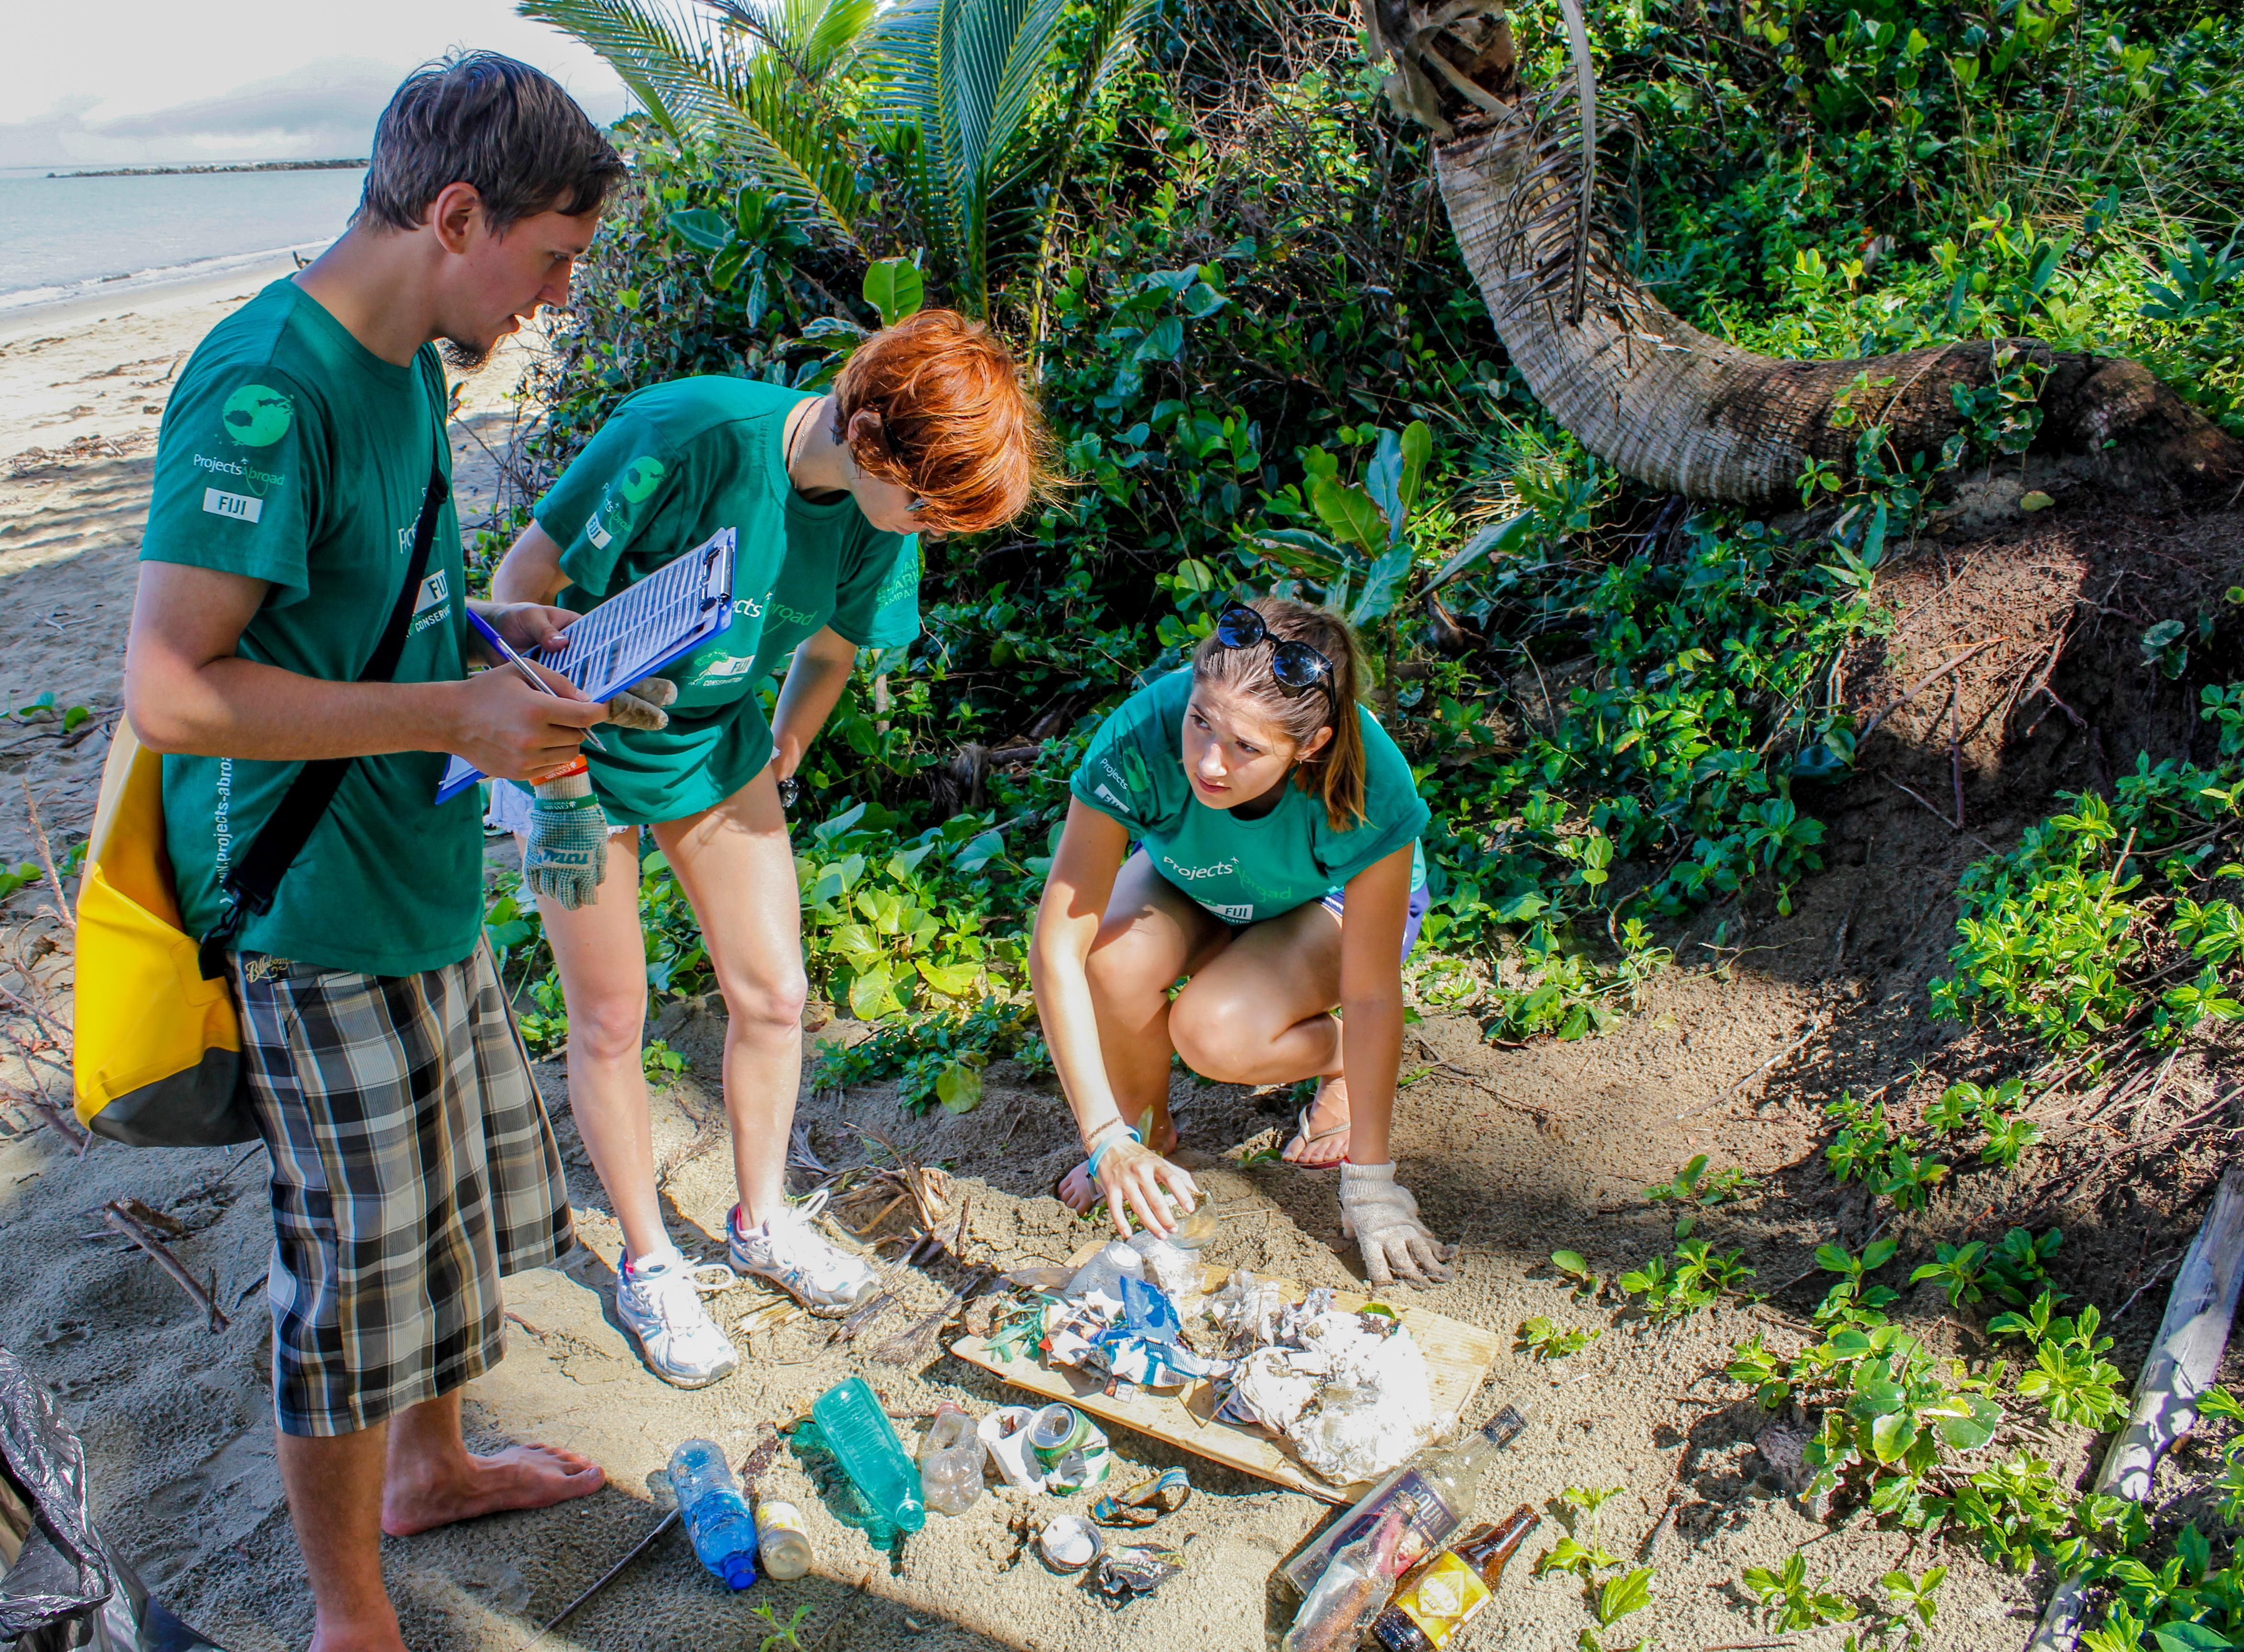 Conservation volunteers clean up Fiji's marine habitats